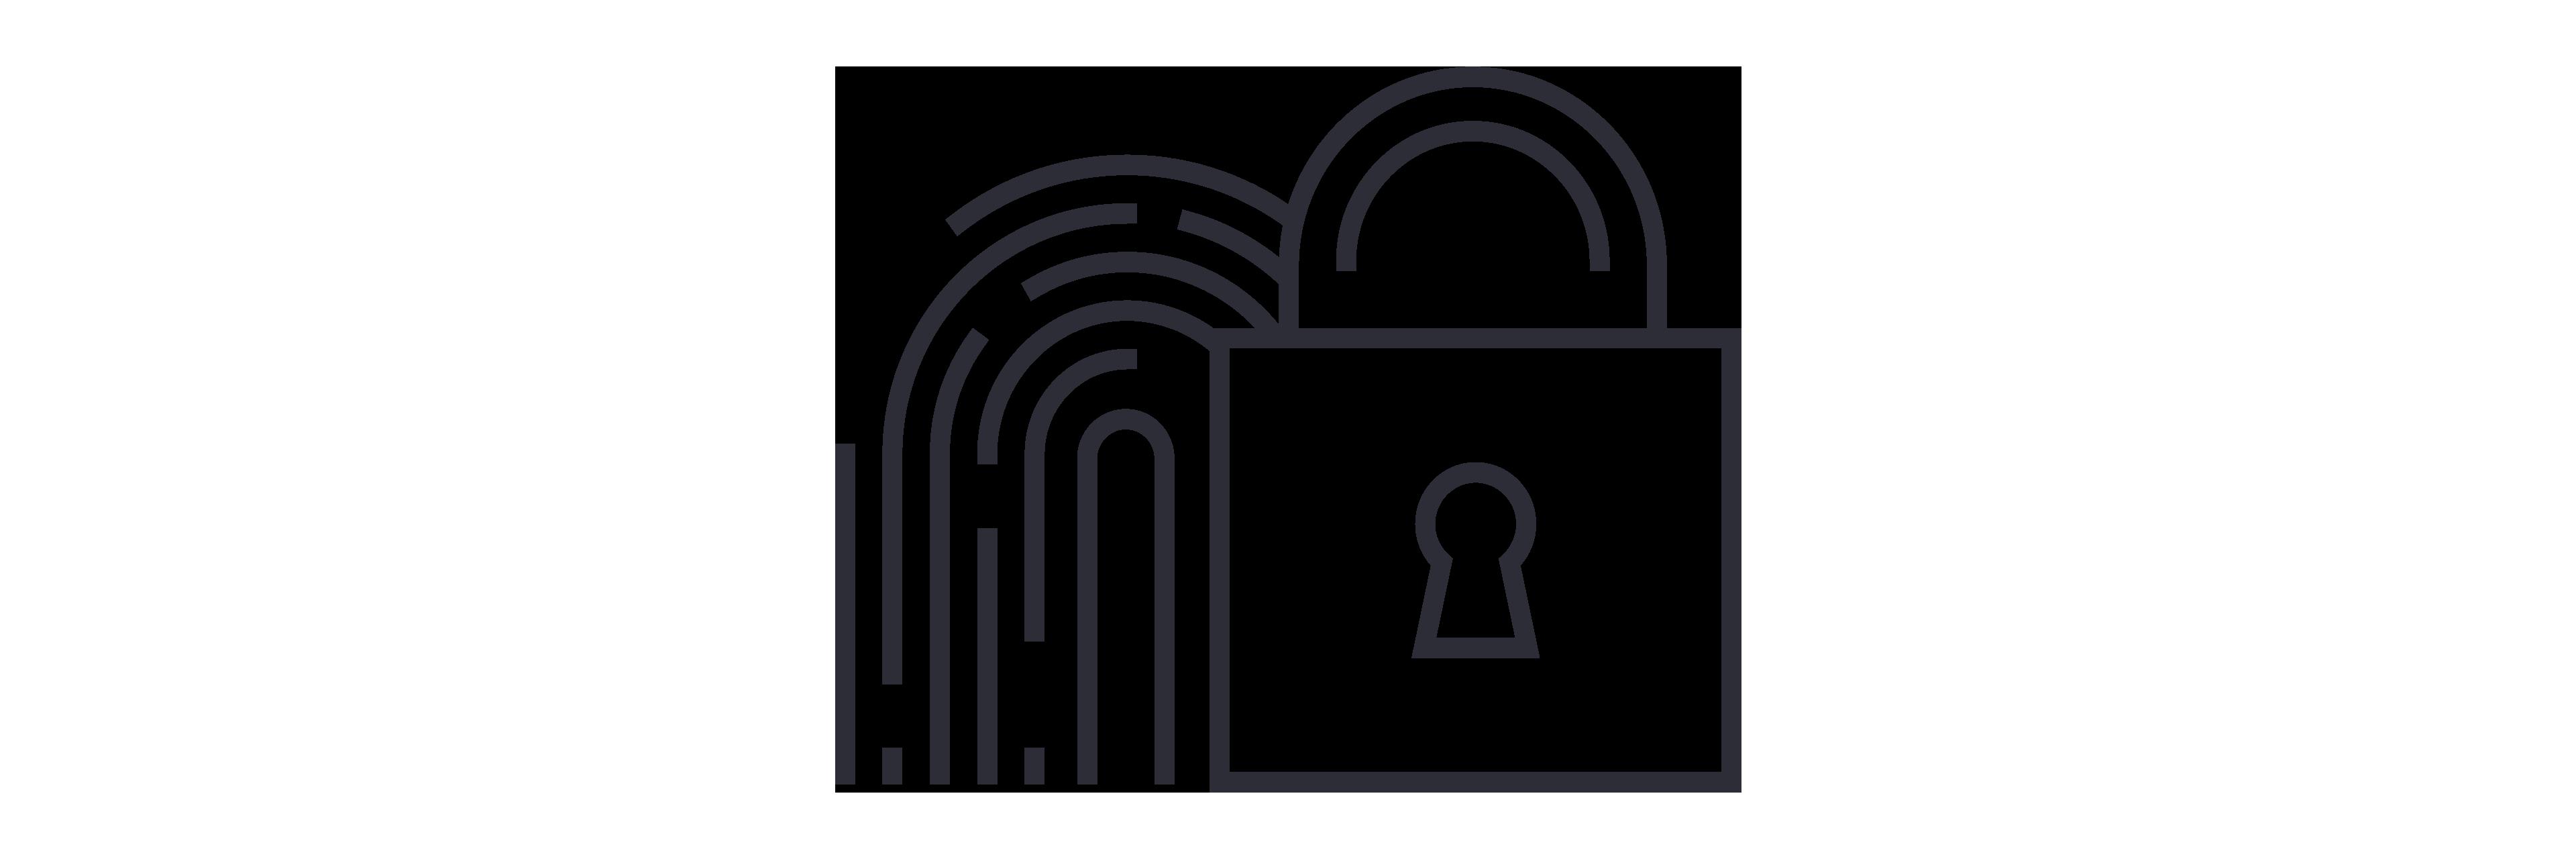 Maak uw organisatie cyberveilig